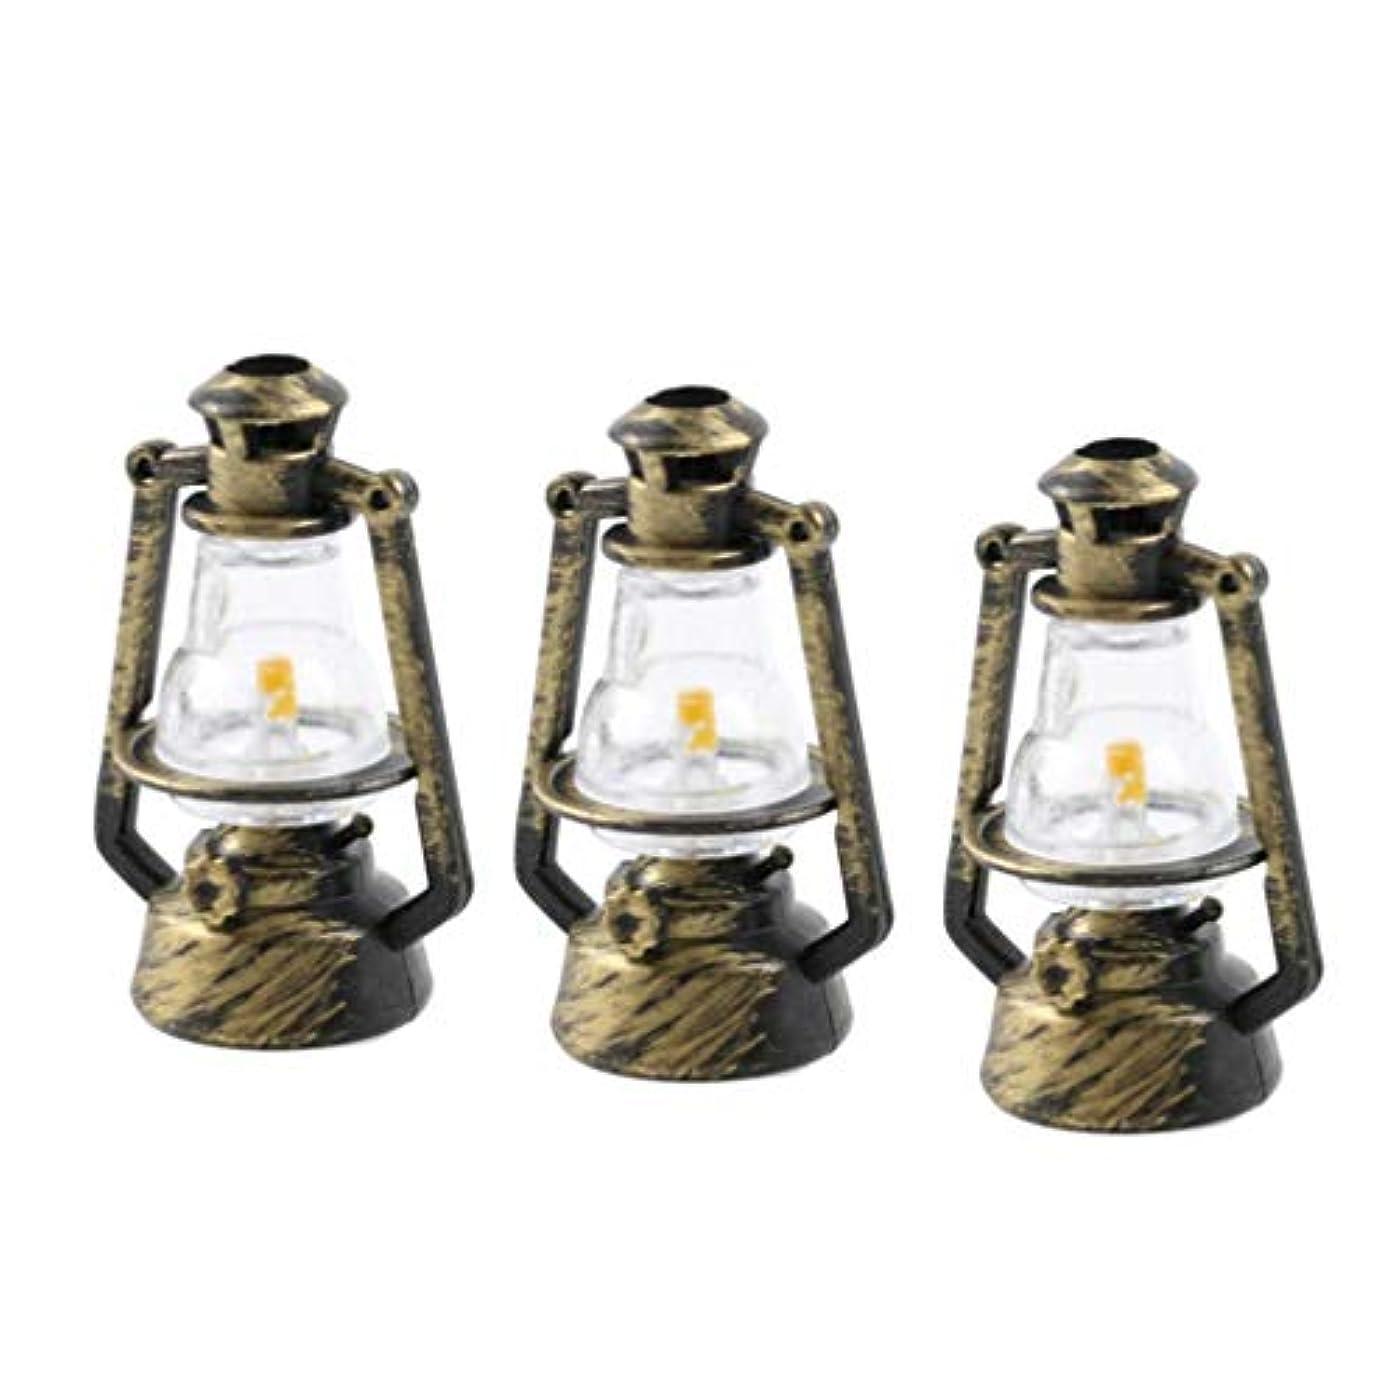 コントロール真珠のような休戦HEALLILY ミニレトロ灯油ランプ飾り1:12ドールハウスミニチュア家具ドールハウス装飾アクセサリー風景装飾6ピース